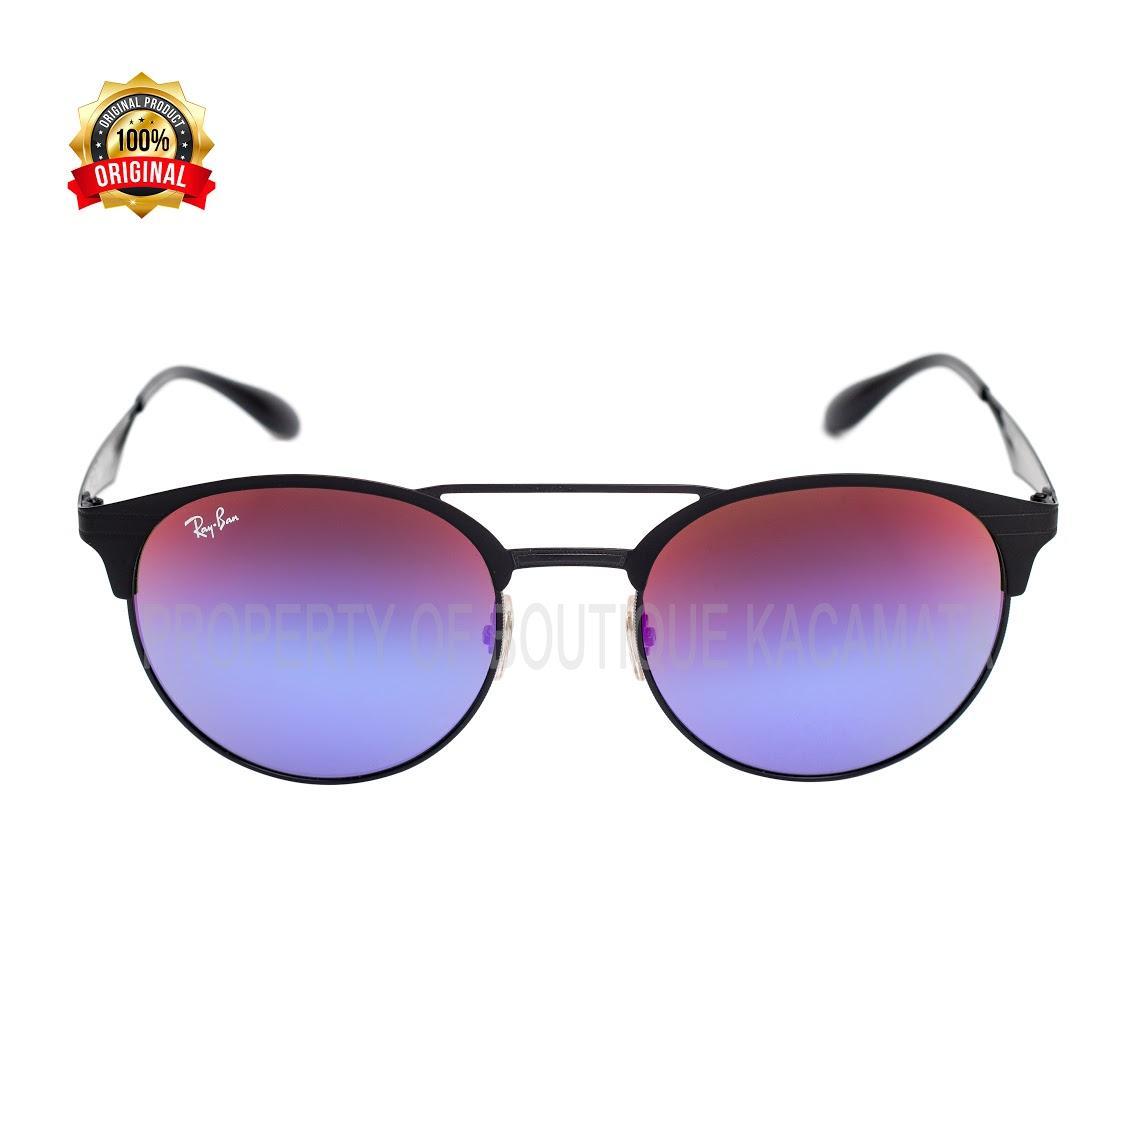 Kacamata Rayban Original 3545-186/B1